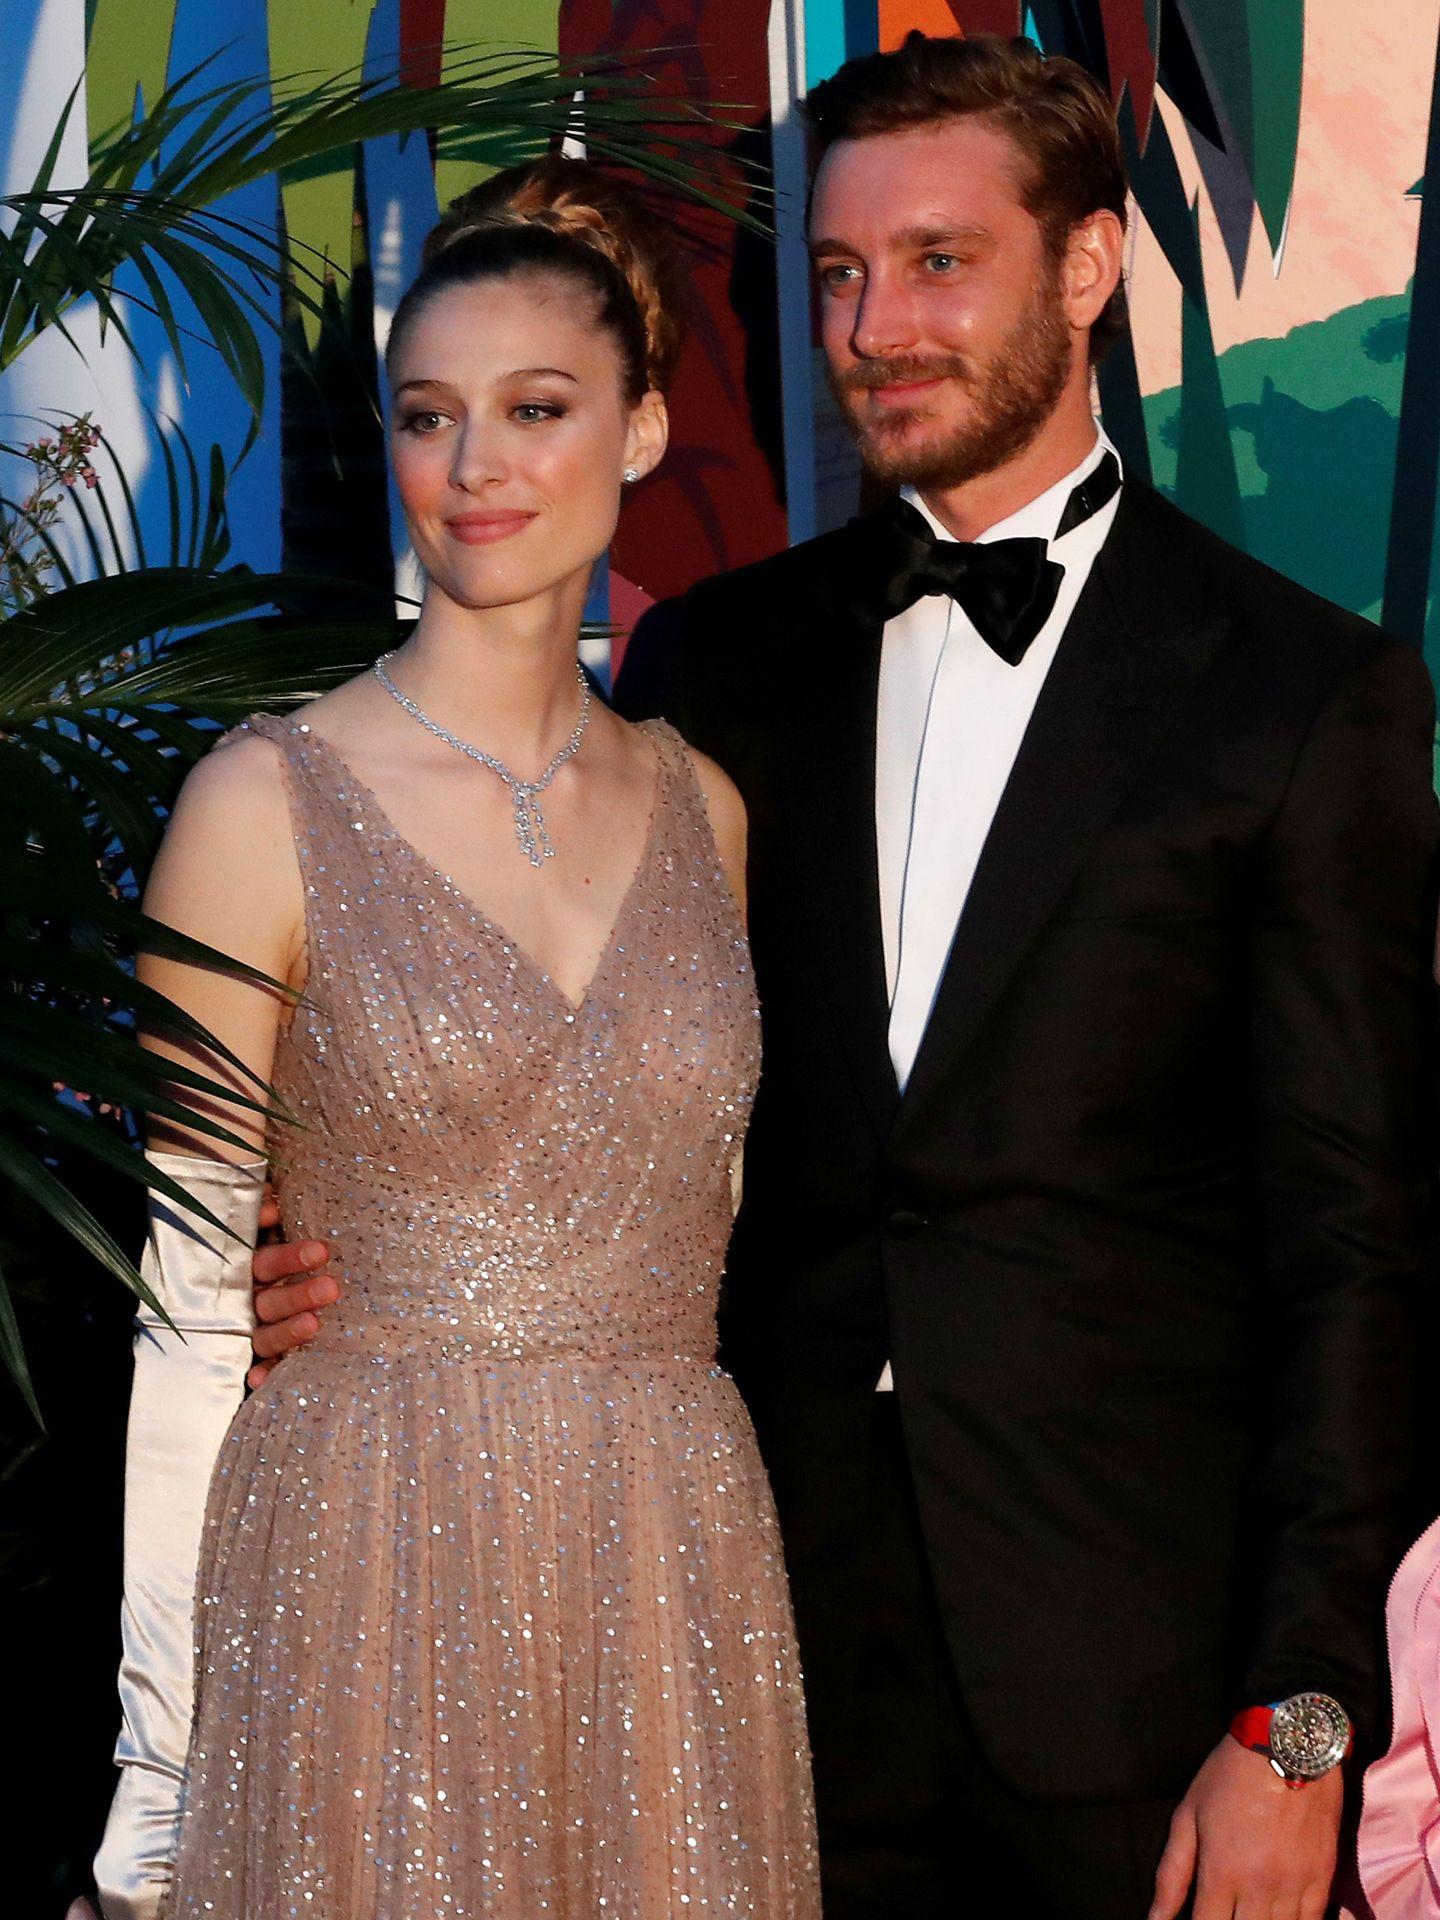 Beatrice Borromeo y Pierre Casiraghi en el Baile de la Rosa. (Reuters)